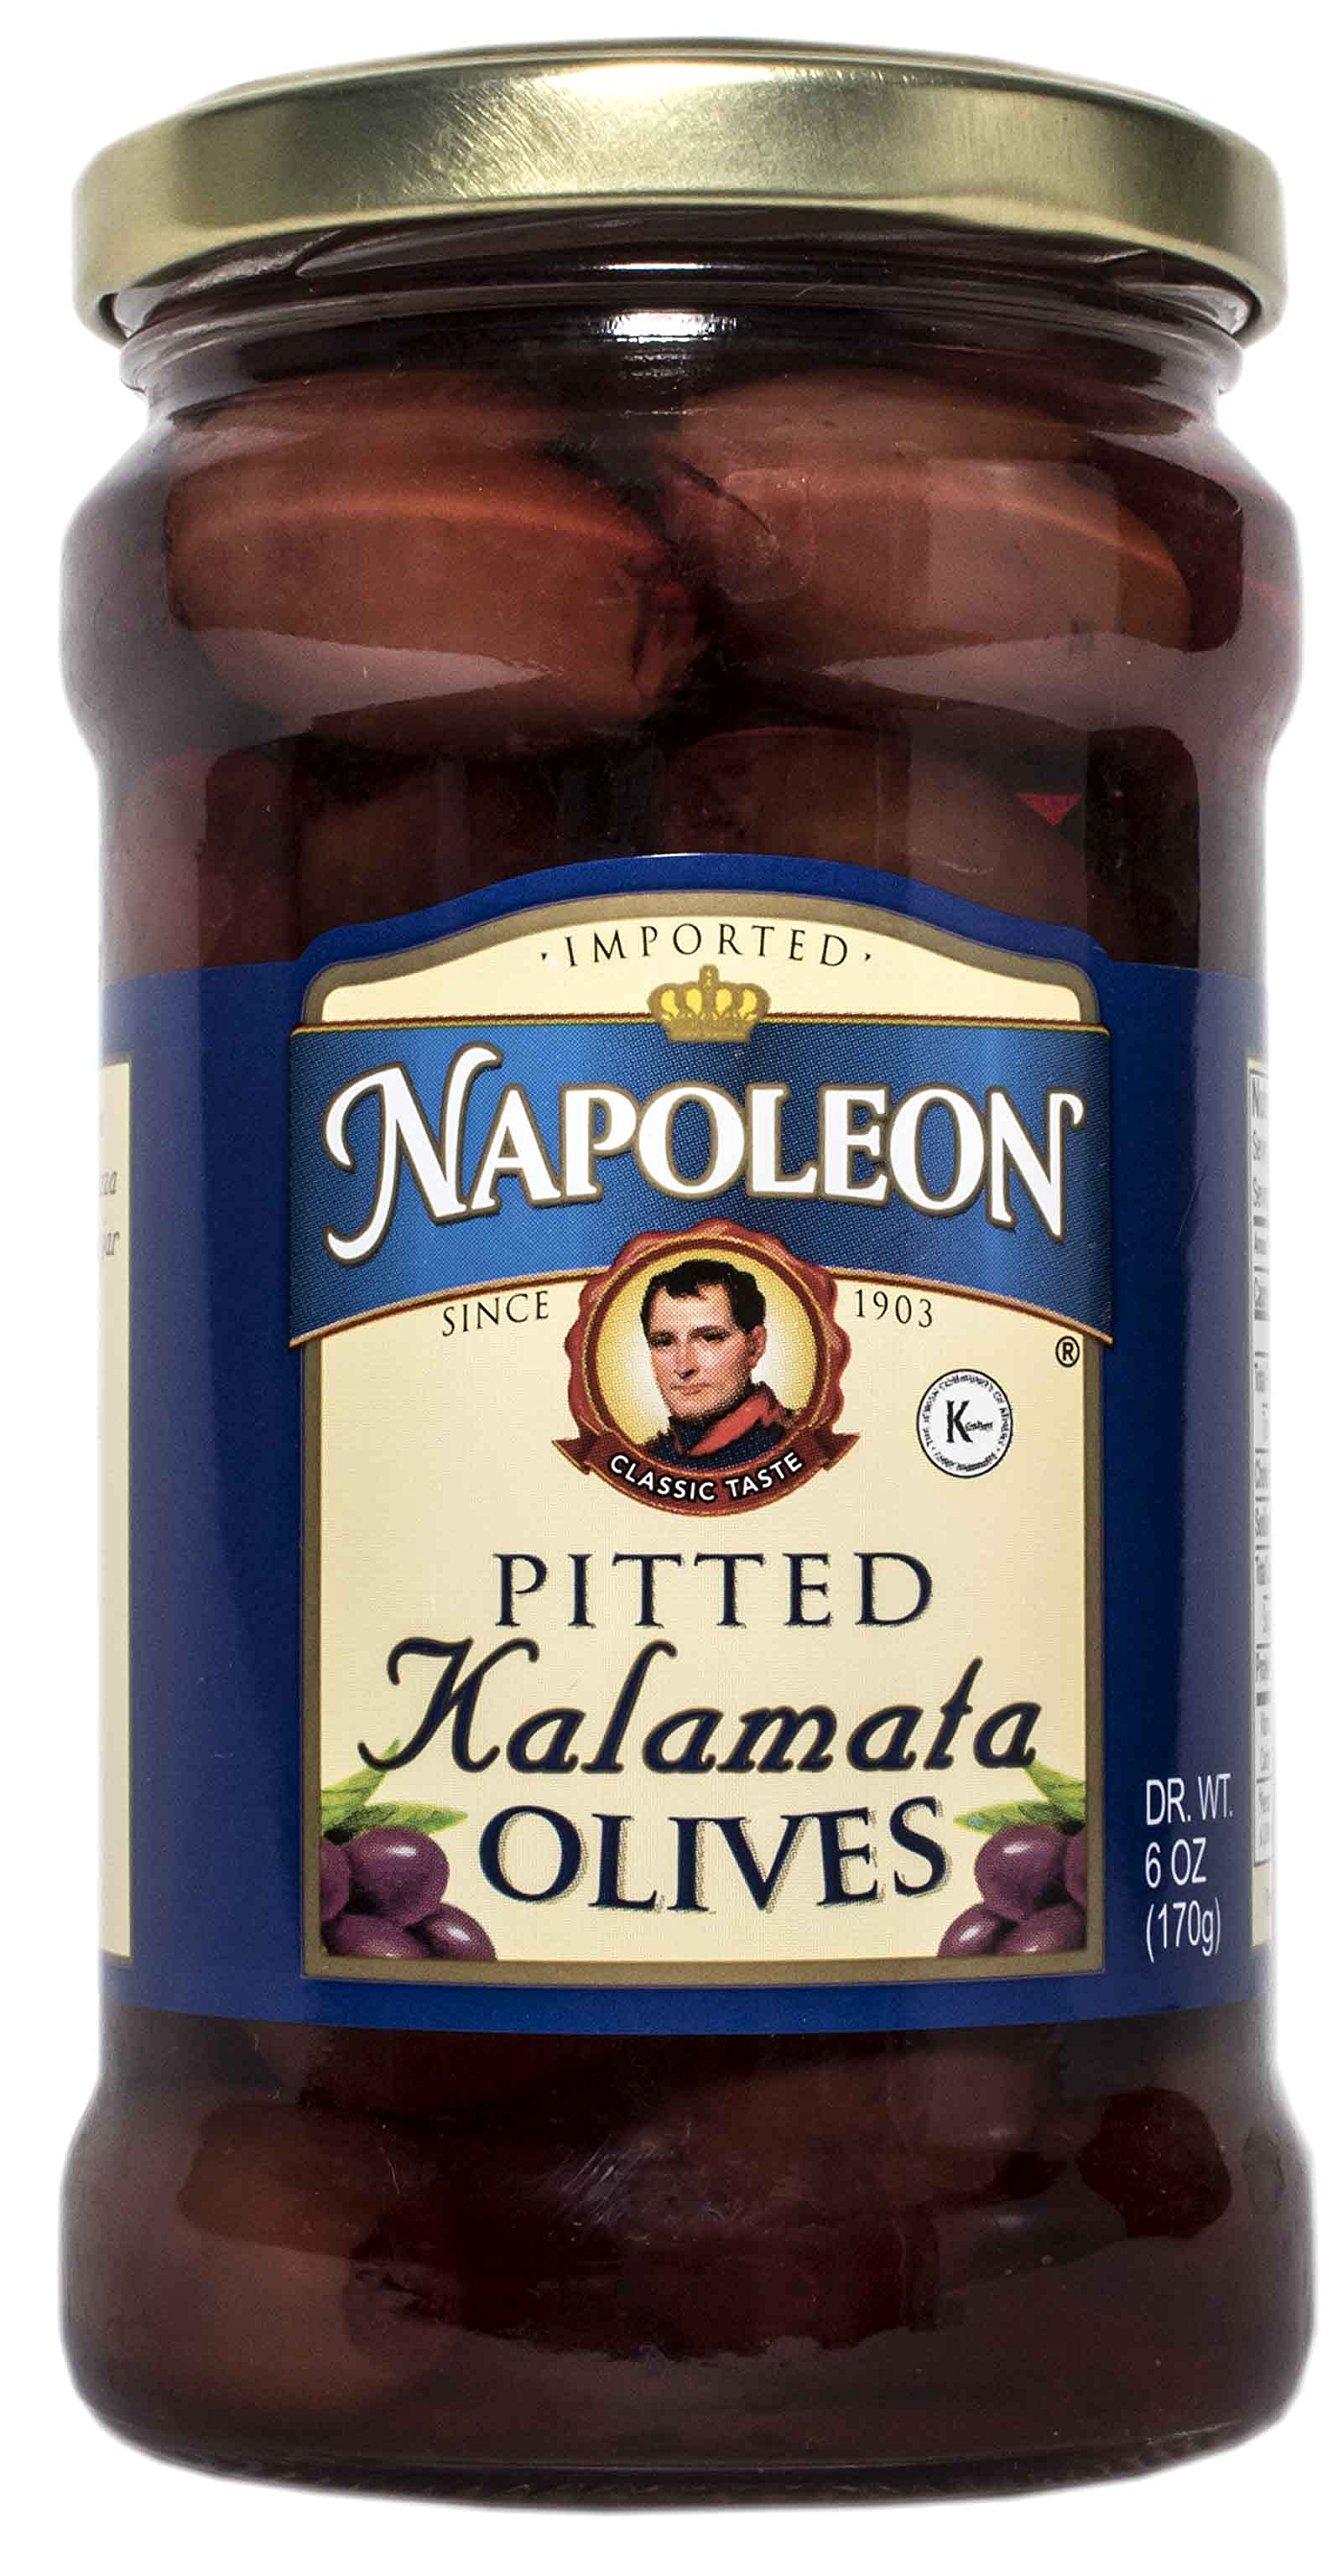 Napoleon Pitted Kalamata Olives, 6 oz